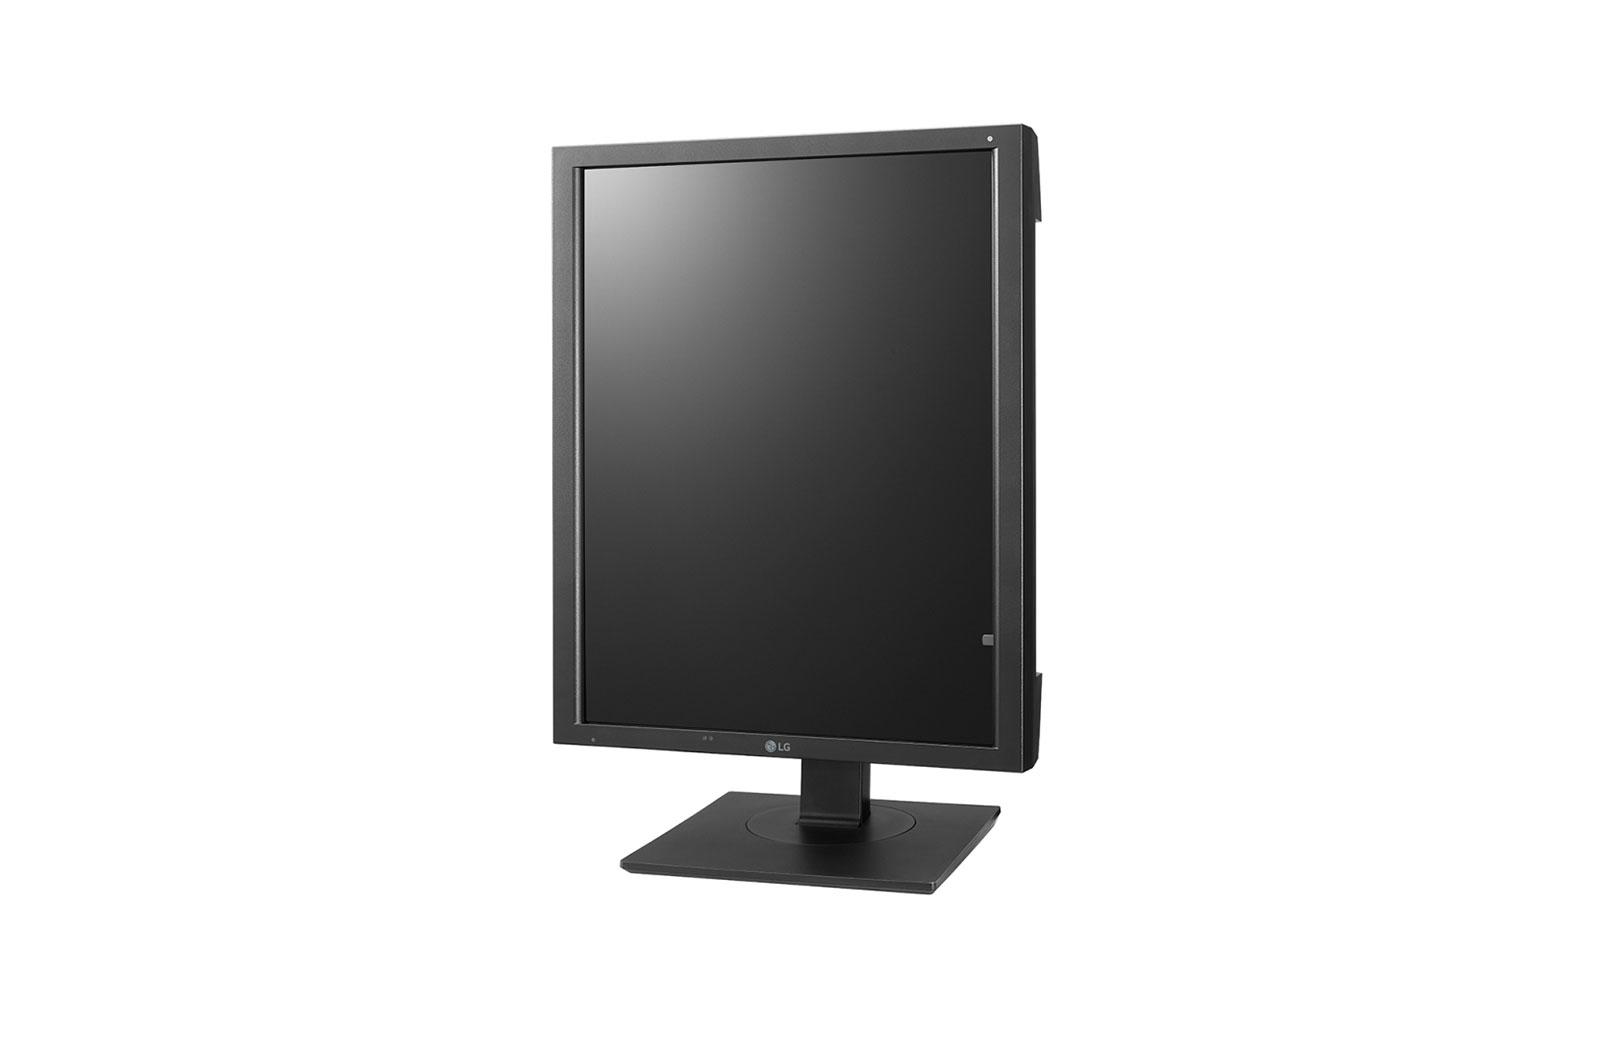 LG - Medical Display 21P 3 4 21HK512D